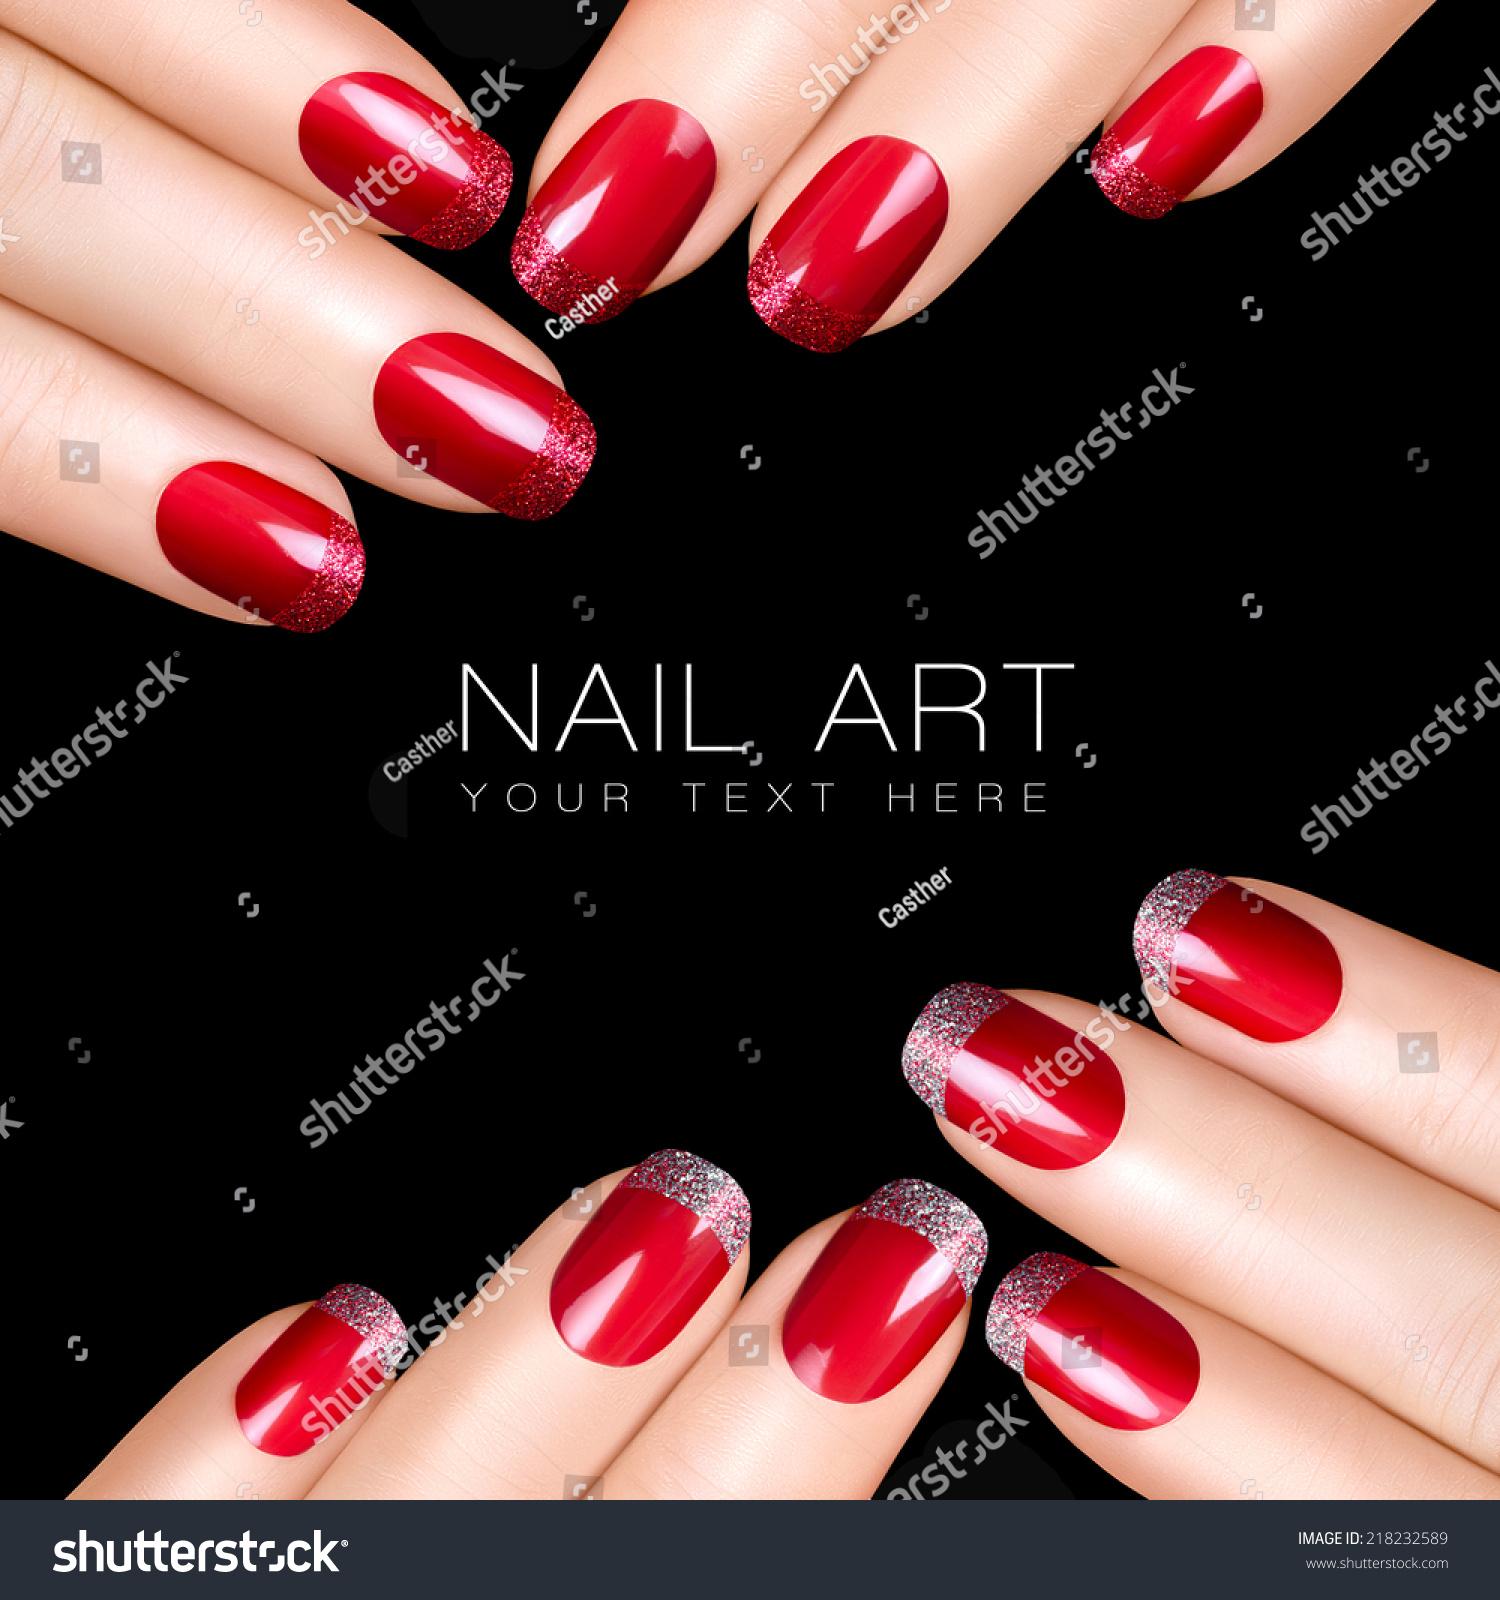 Nail Art Trend Luxury Nail Polish Nail Stickers Stock: Trend Nail Art. Luxury Nail Polish With Glitter French